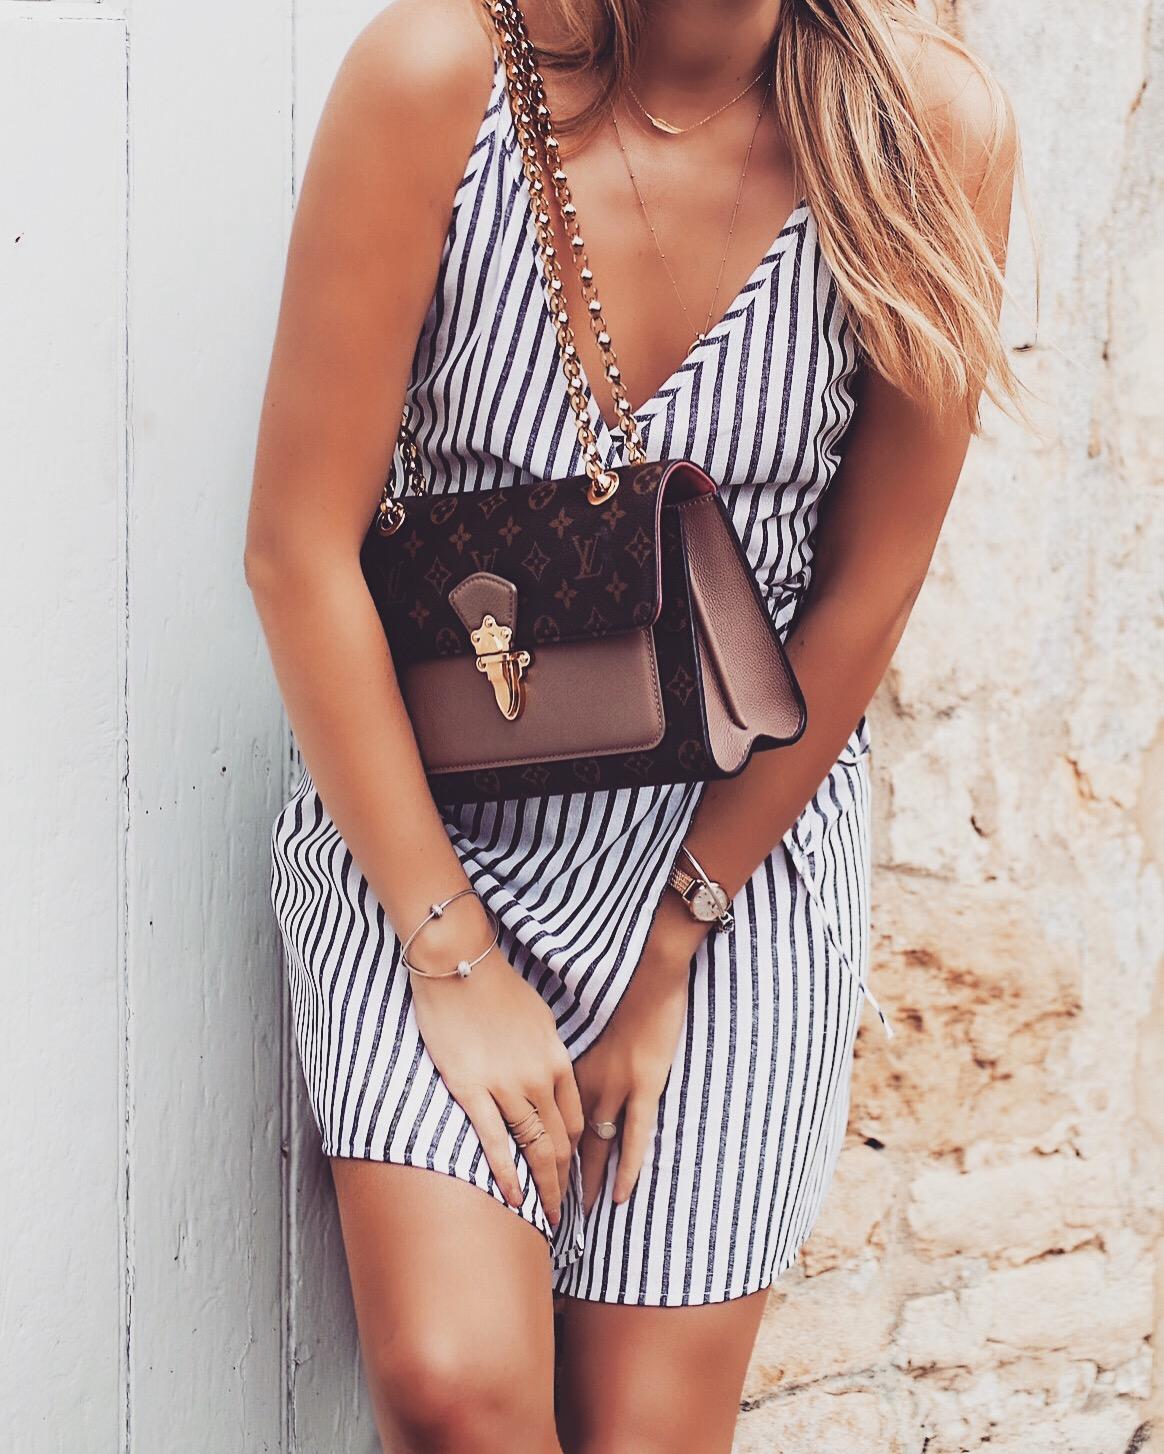 The Wrap Dress - Louis Vuitton Victoria